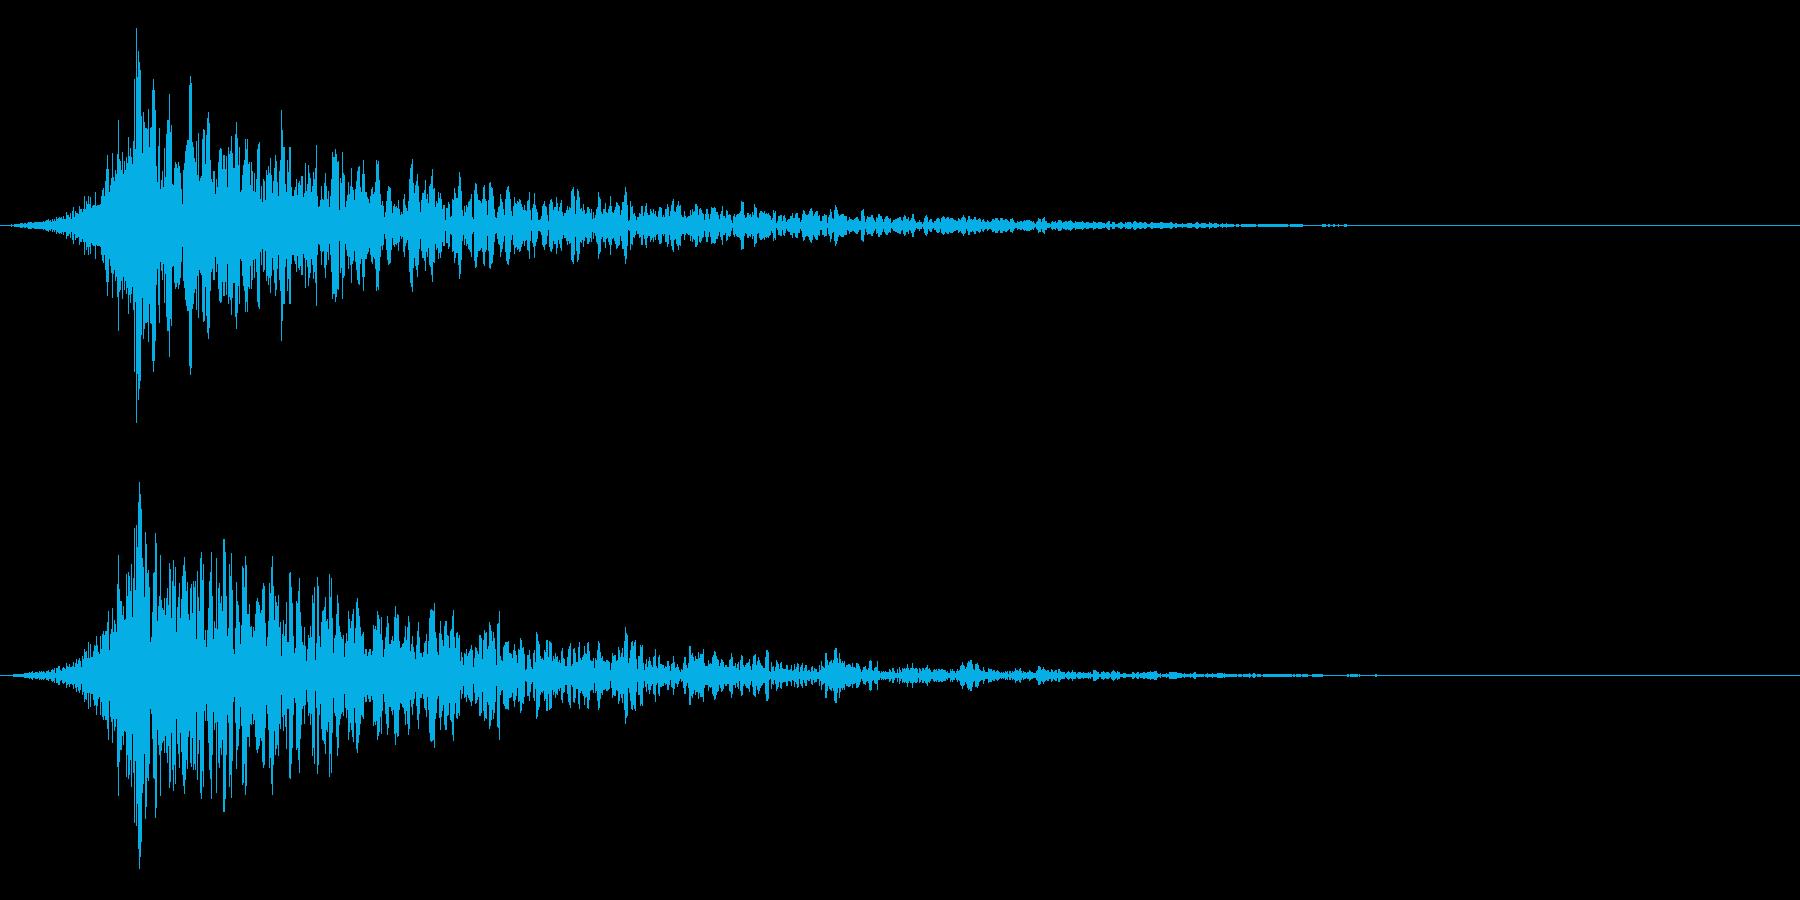 シュードーン-29-1(インパクト音)の再生済みの波形